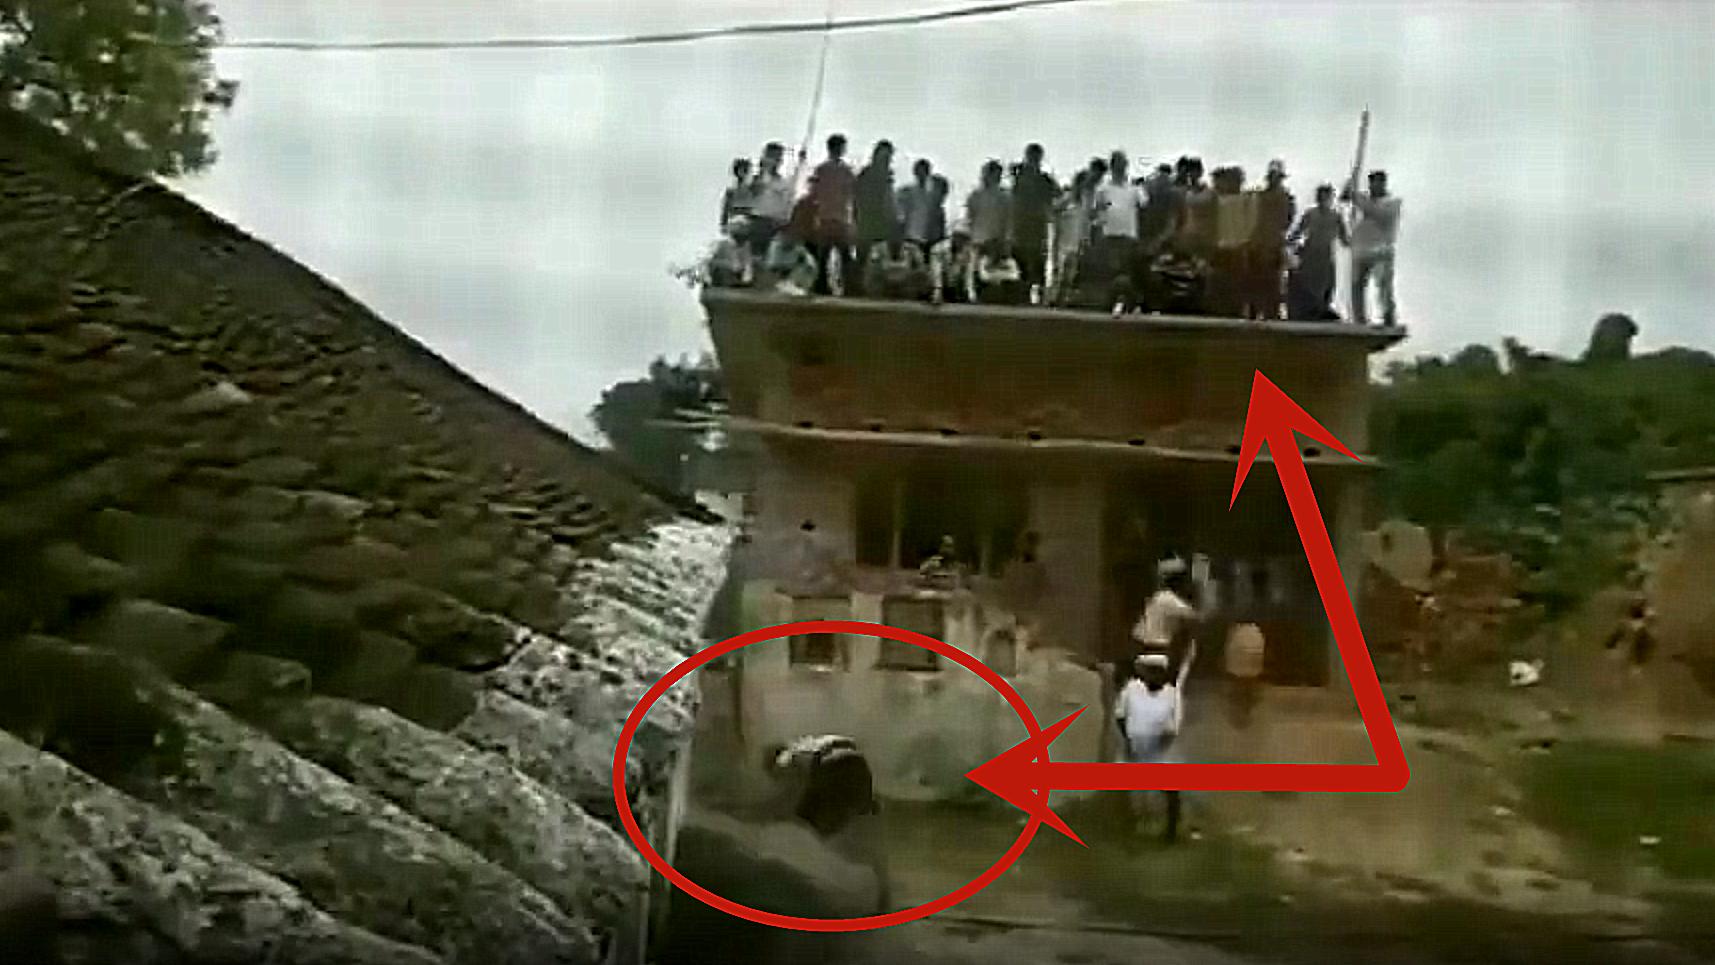 村民发现不对劲,赶紧爬上屋顶,监控拍下男子绝望画面